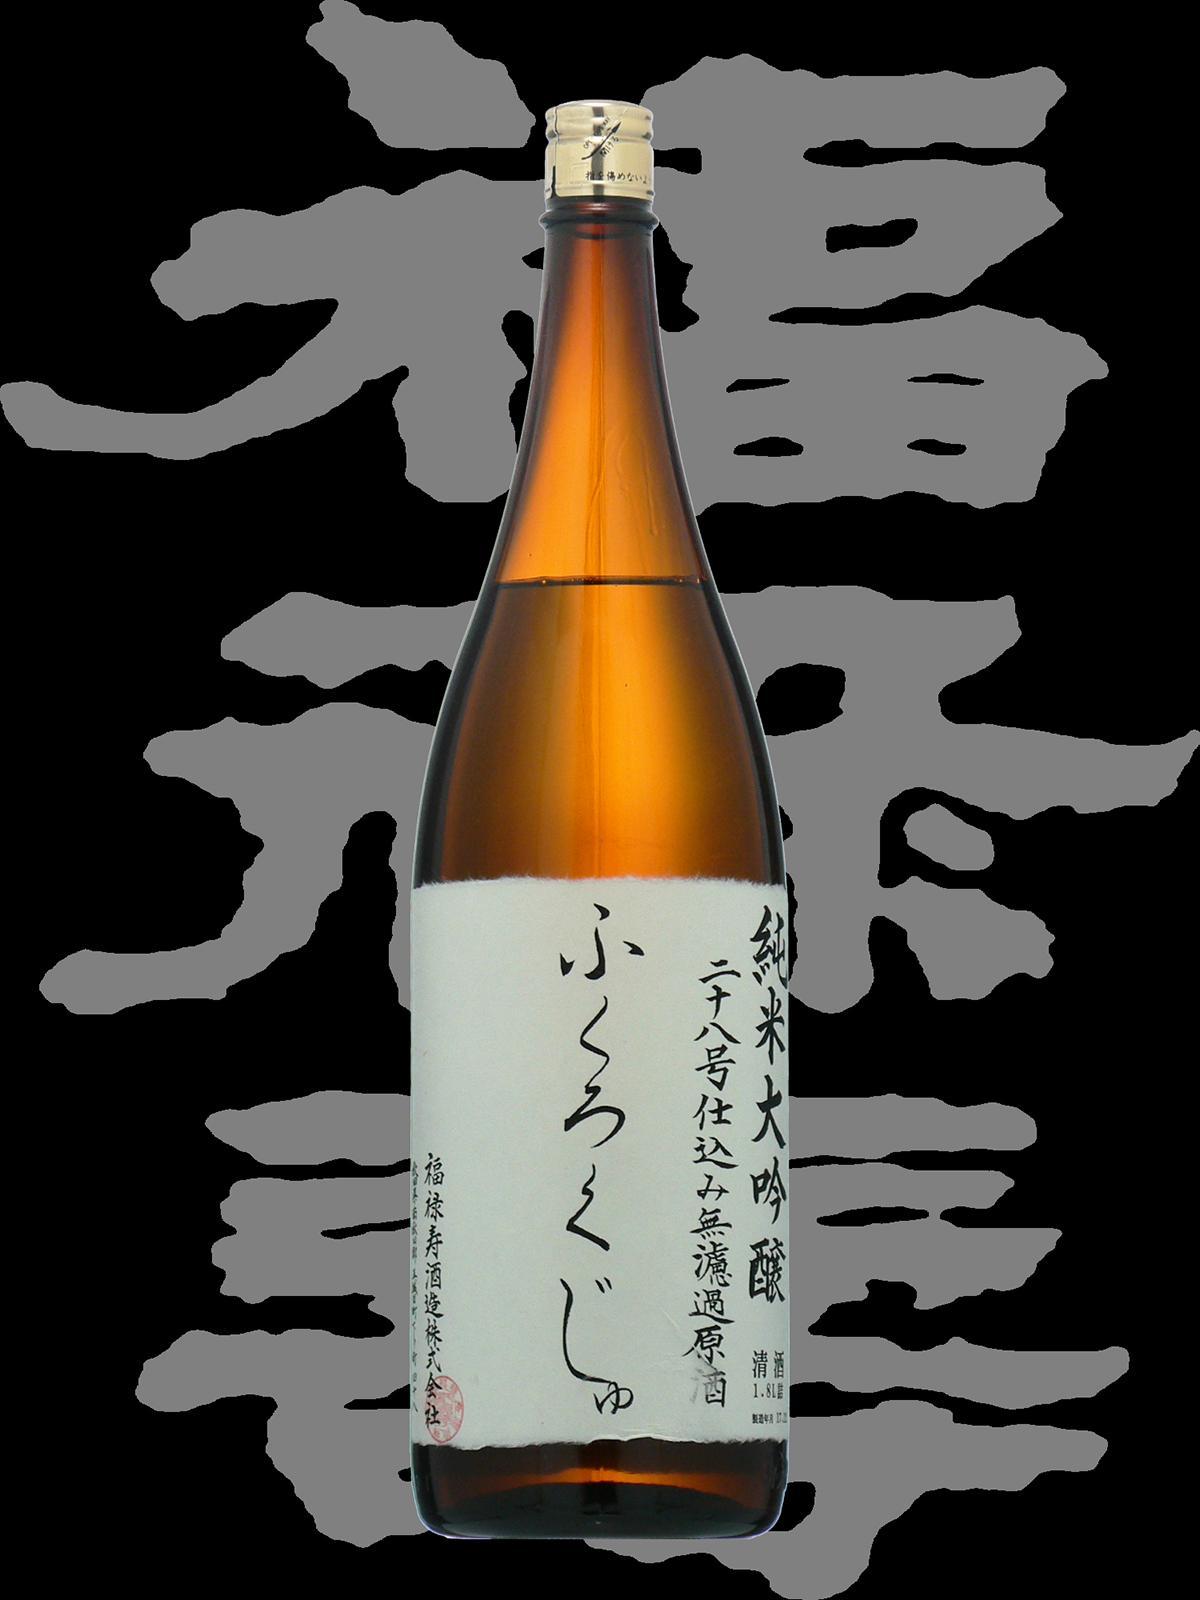 福禄寿(ふくろくじゅ)「純米大吟醸」無濾過原酒